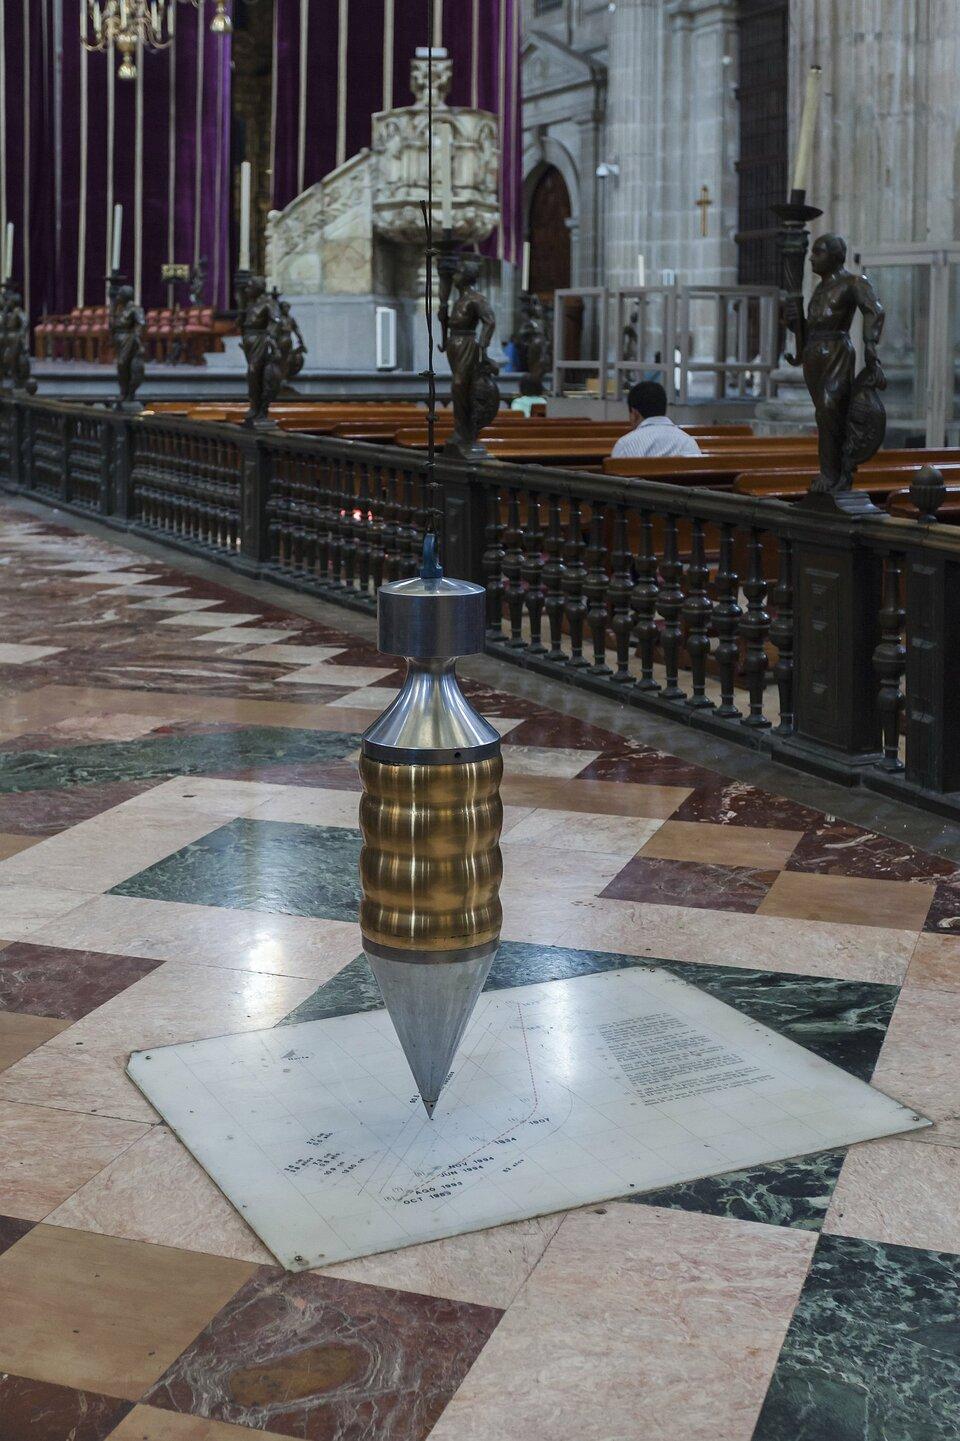 Zdjęcie przedstawia podłużne wahadło wkształcie przypominającym pocisk karabinowy skierowany czubkiem wdół wiszące tuż nad podłogą katedry. Katedra bogato wyposażona, wtle m.in. marmurowa ambona ipurpurowe draperie, posadzka zróżnobarwnych płyt marmurowych. Wahadło wisi na długiej lince zawieszonej pod odległym stropem. Pod wahadłem zamontowana miała płyta znaniesioną siatką geometryczną, ścieżkami ruchu, wyliczeniami iopisami.